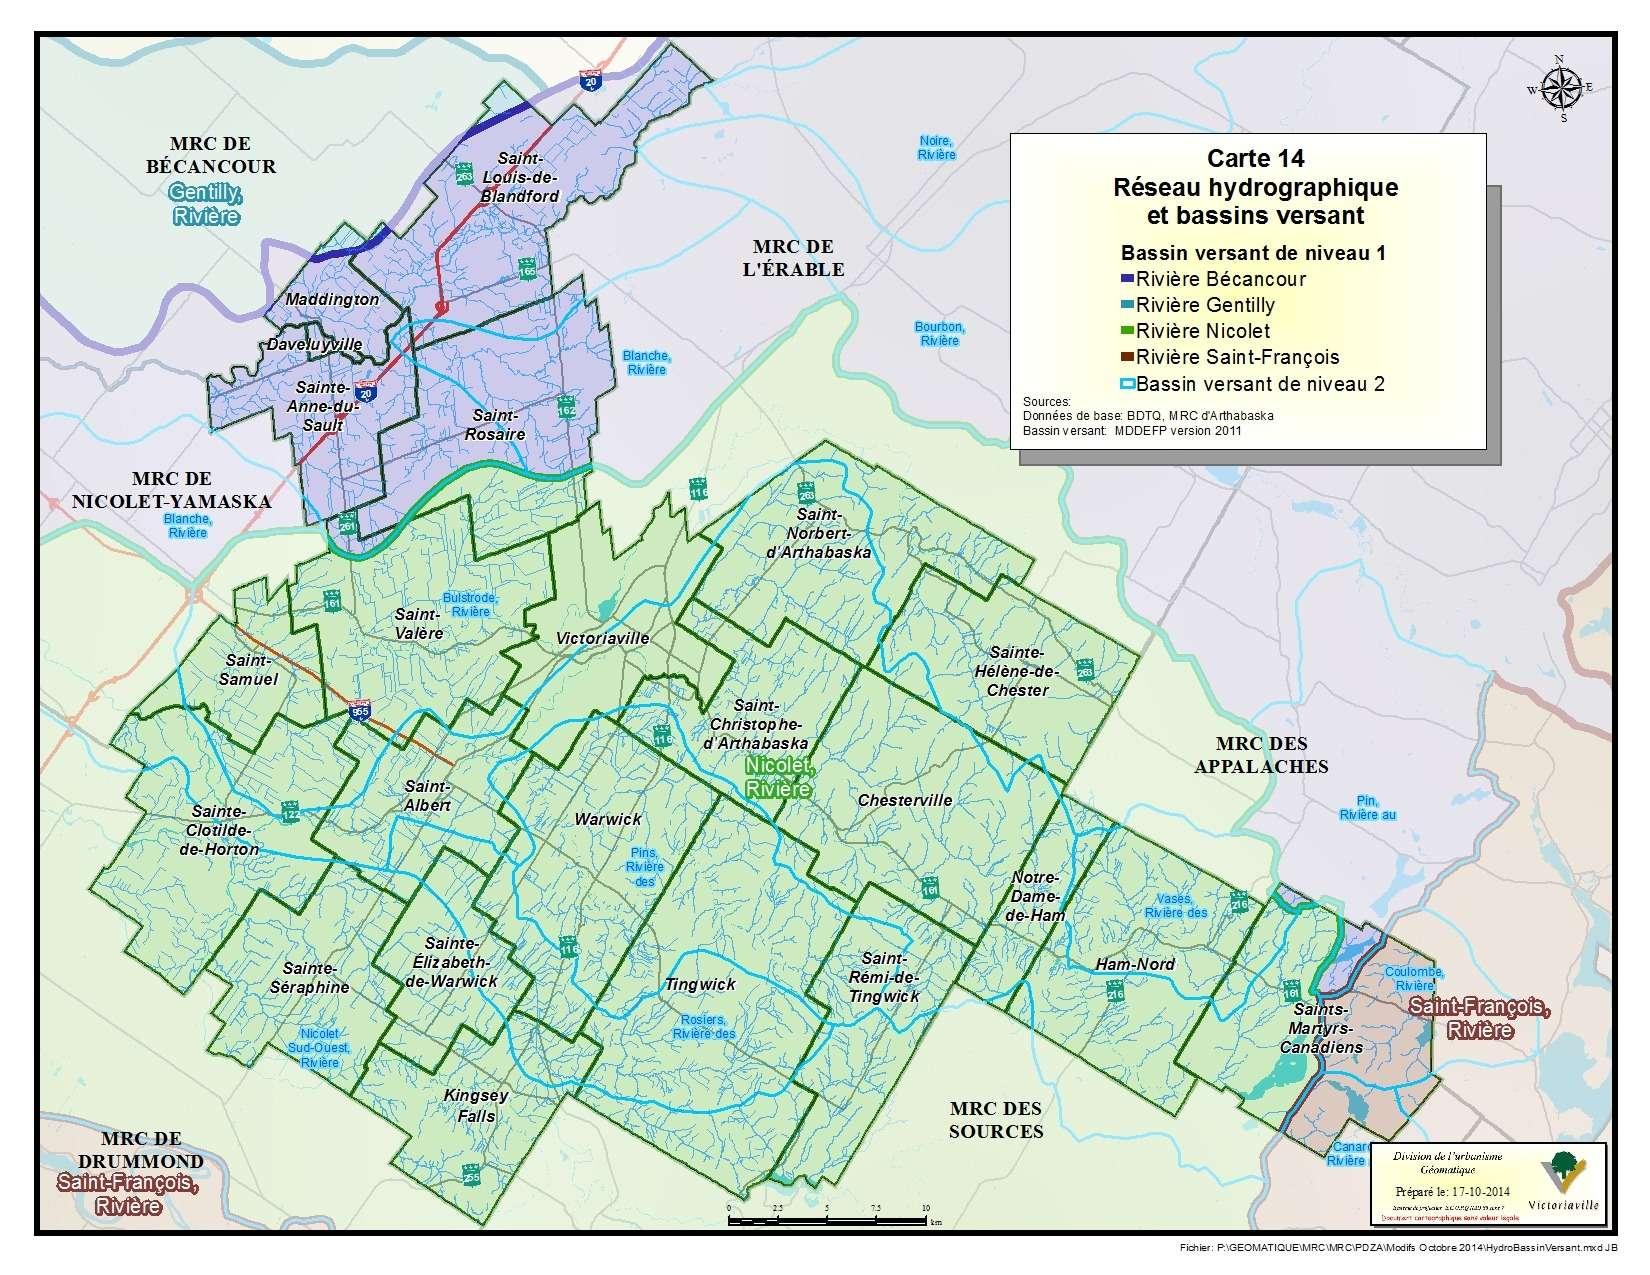 Carte 14 de 23 - Réseau hydrographique et bassins versant